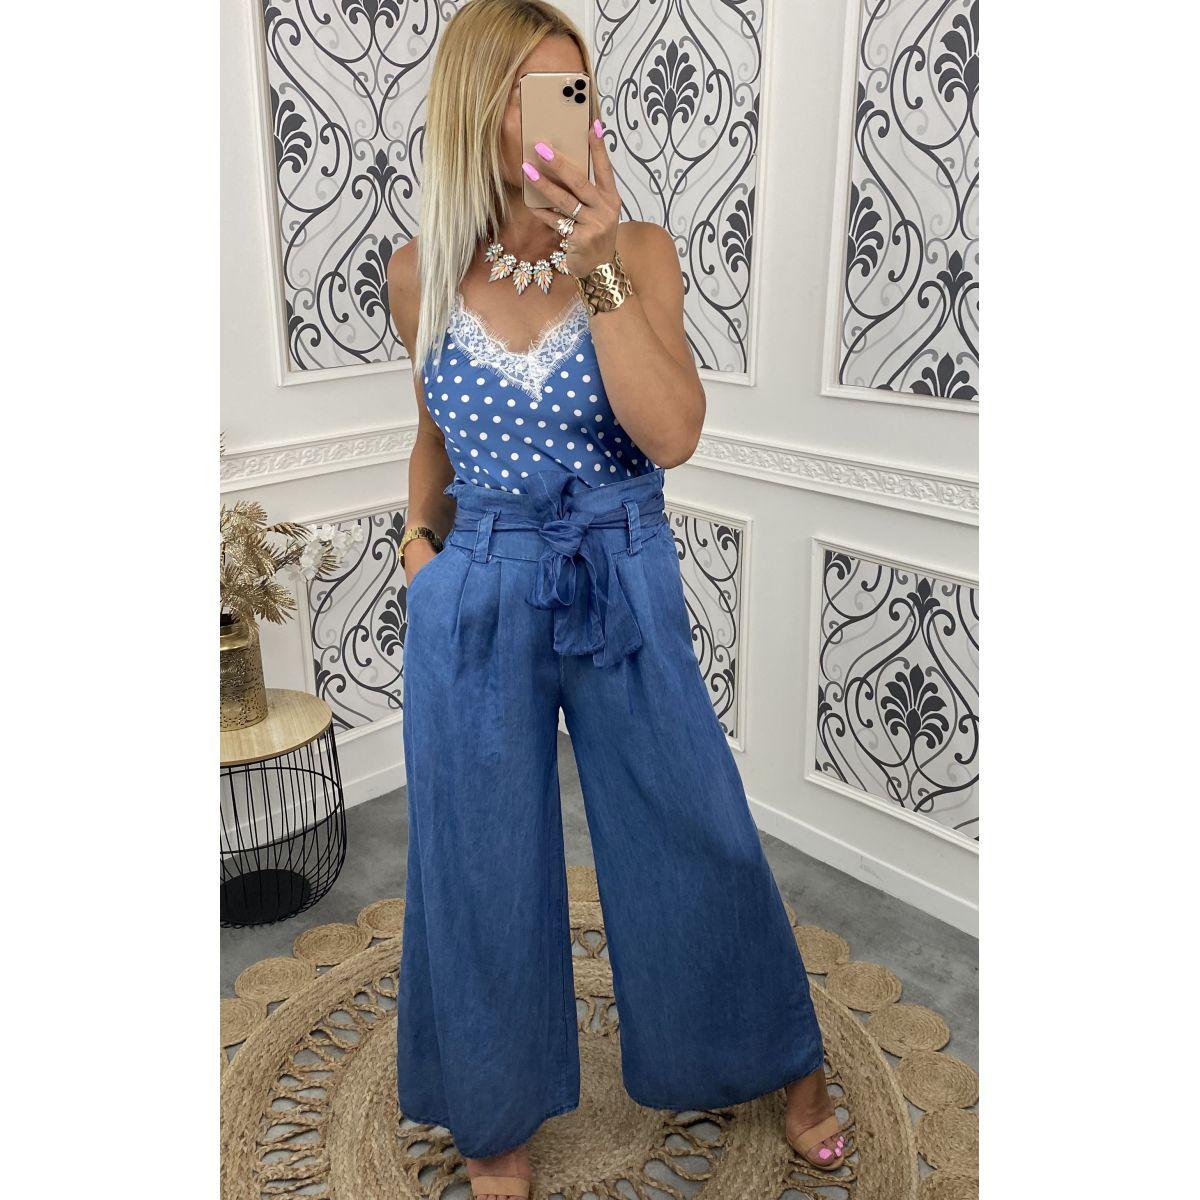 Pantalon coupe ample droite en jean,s fin bleu